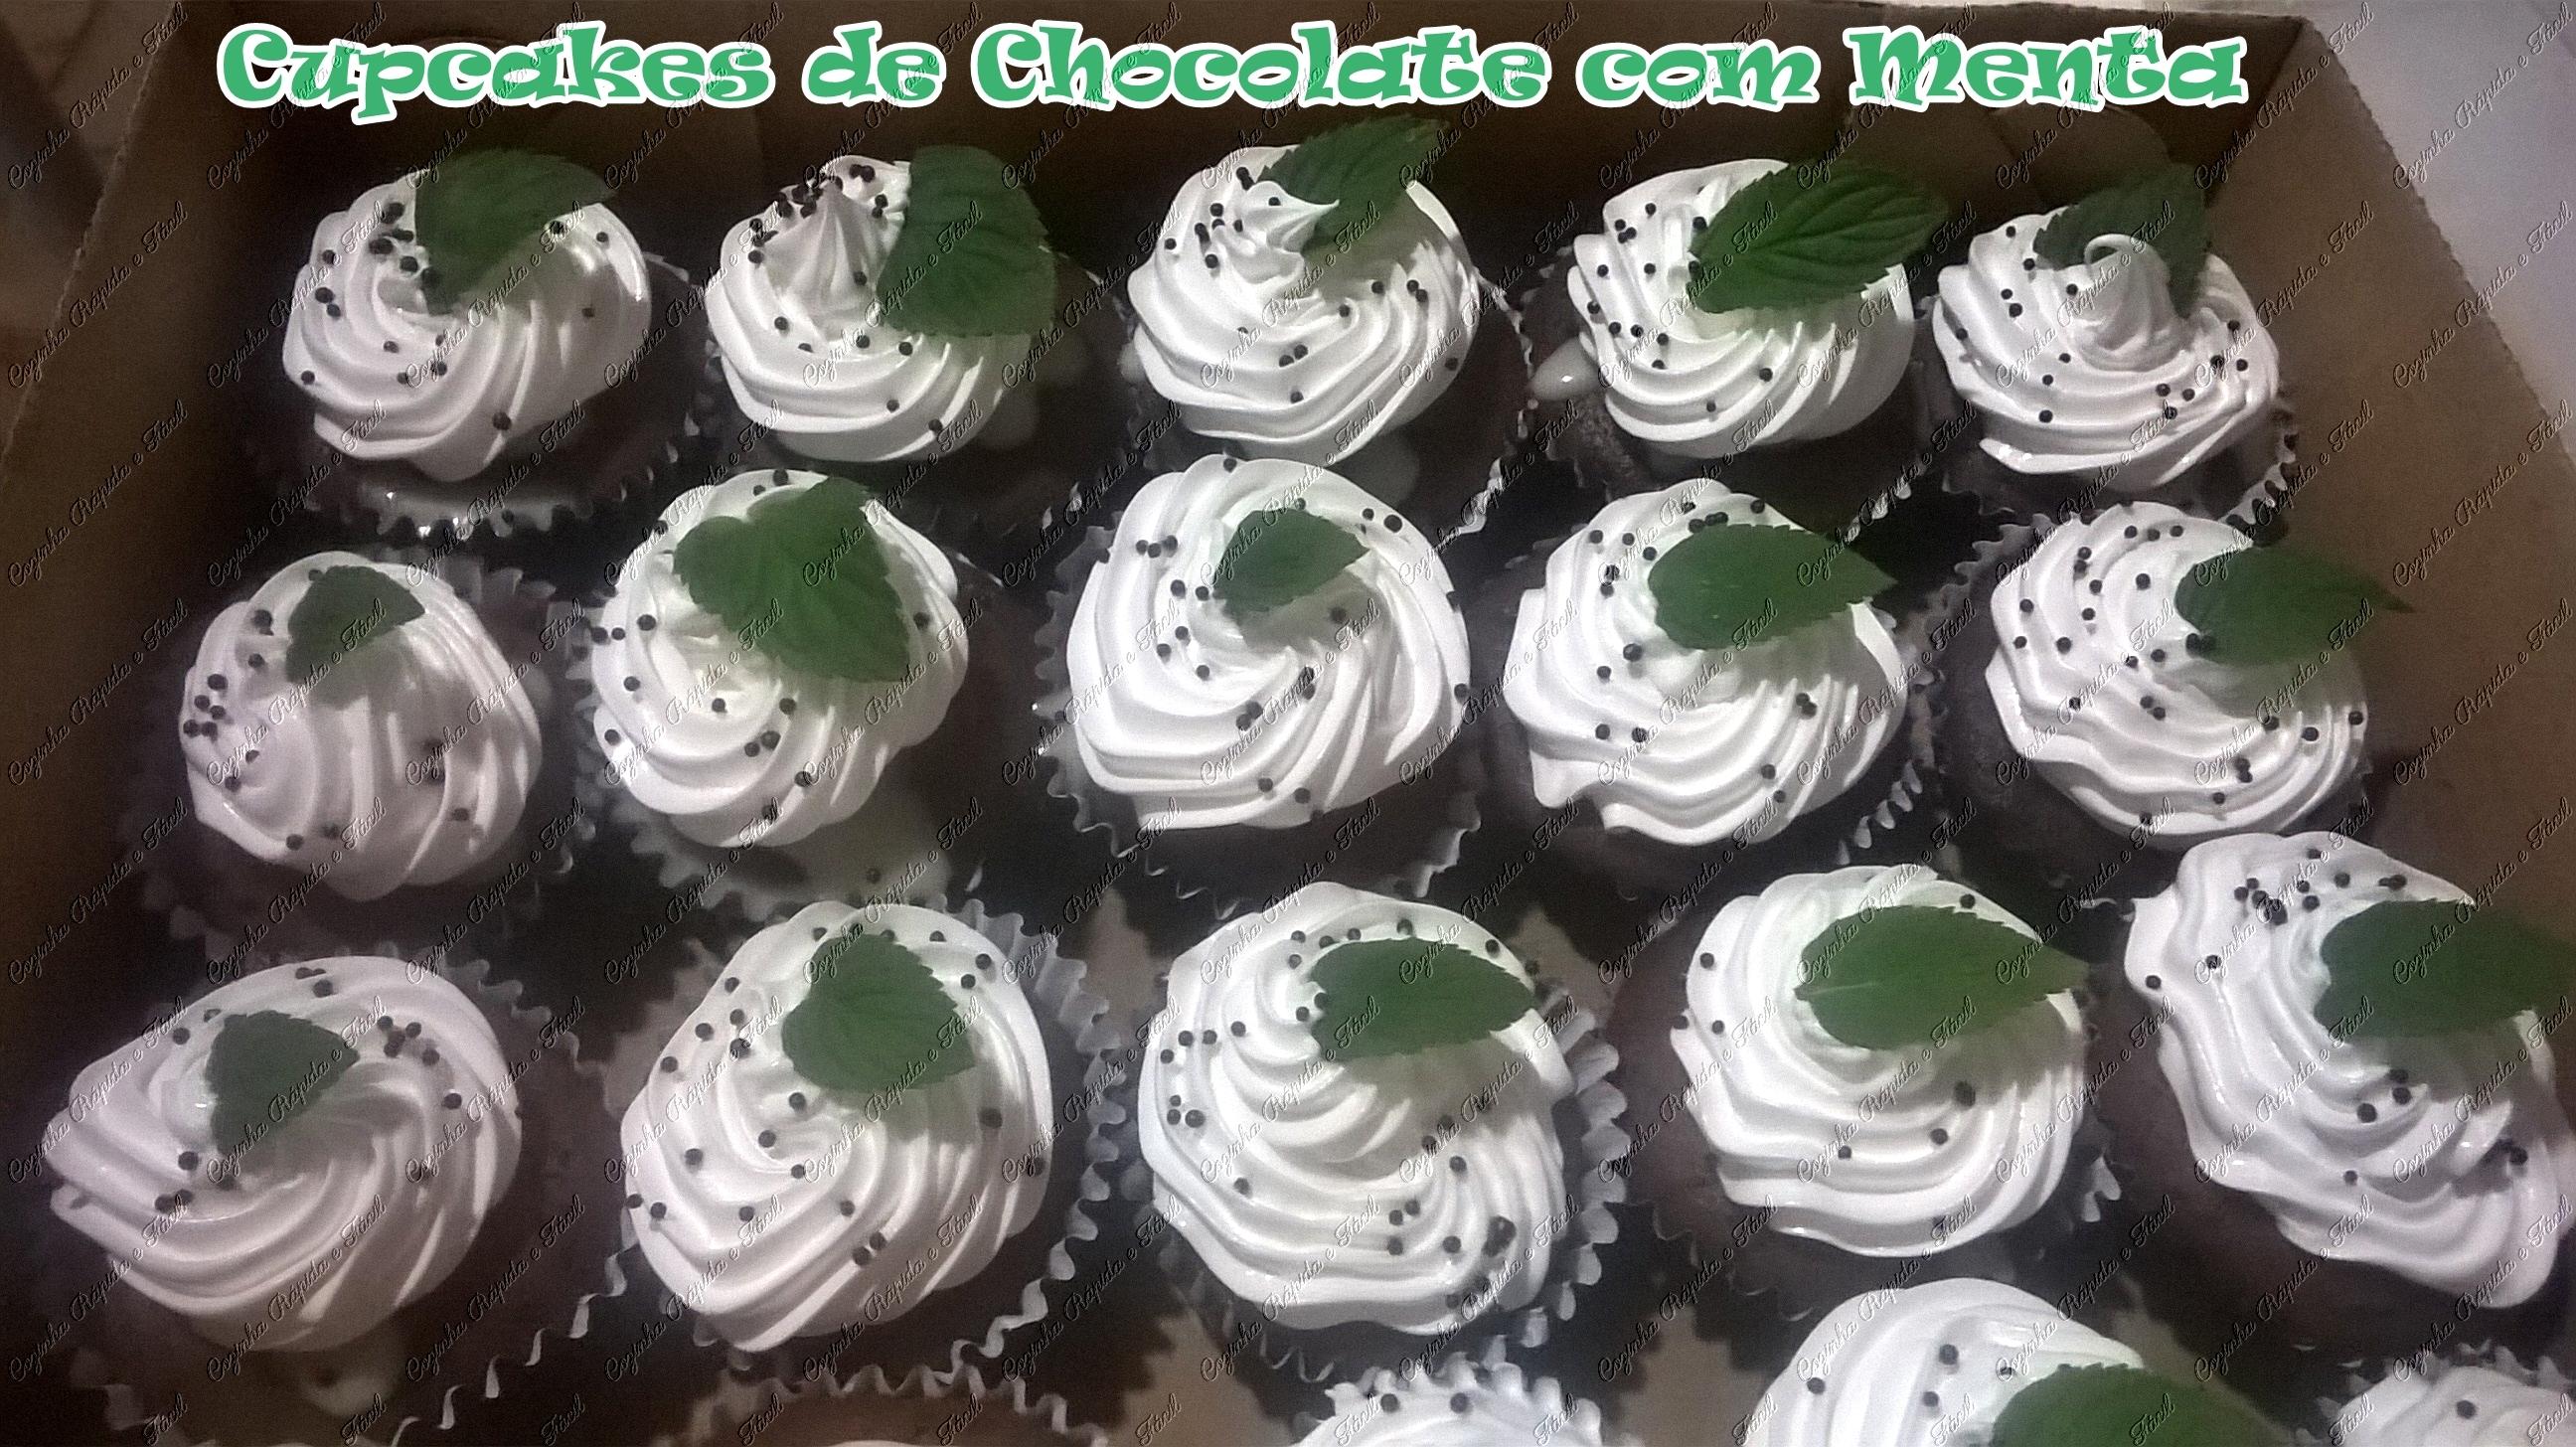 cupcake de chocolate com menta